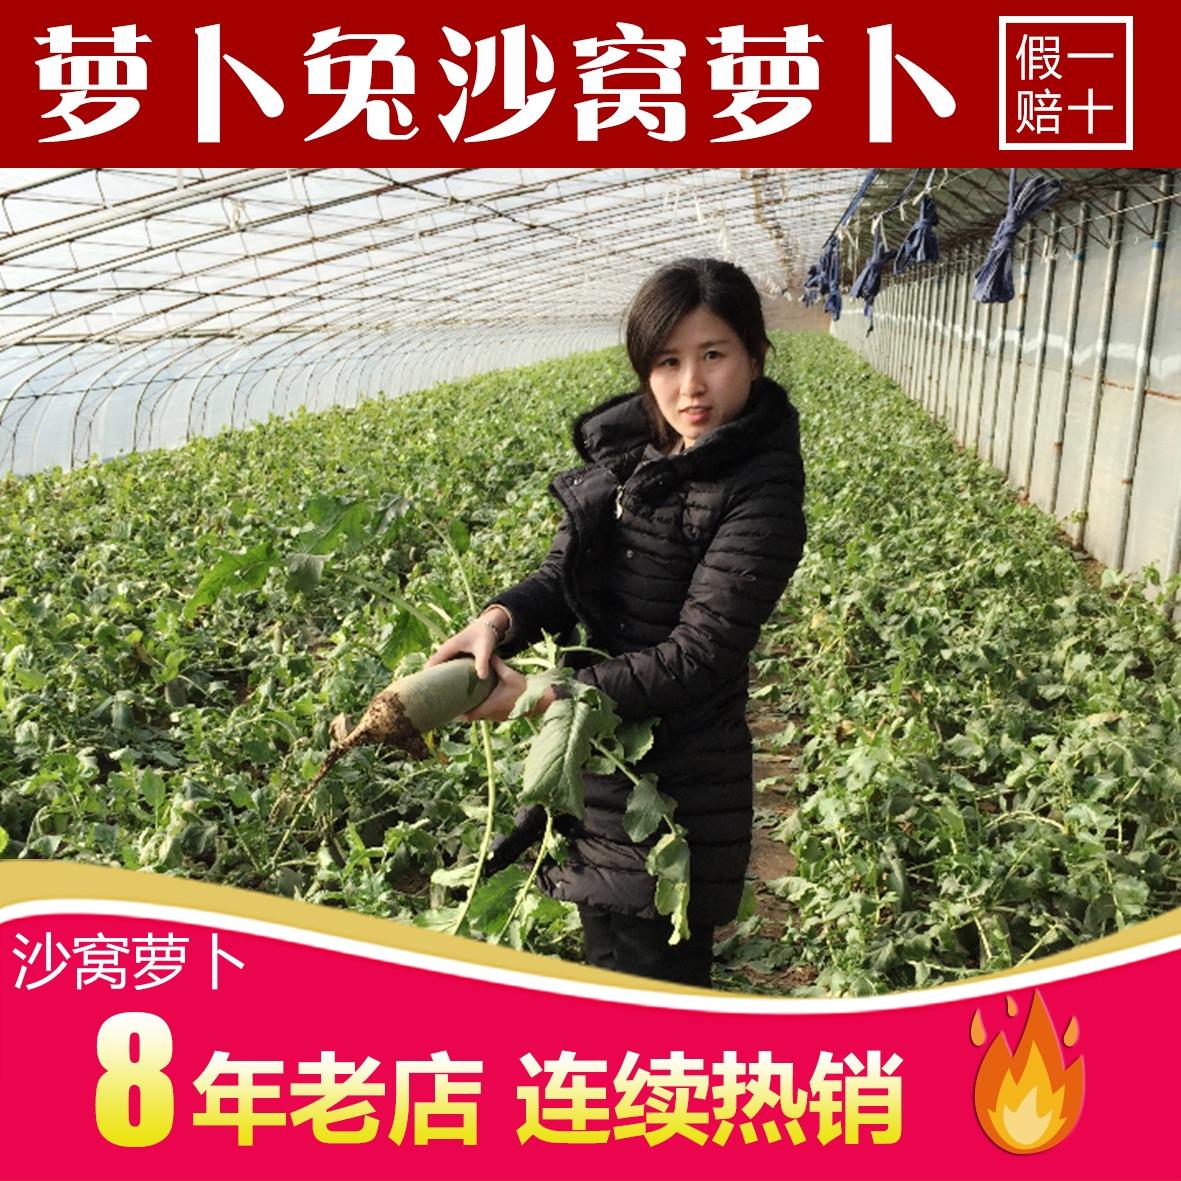 正宗沙窝萝卜脆甜水果萝卜8斤包邮新鲜有机蔬菜原产地非潍坊